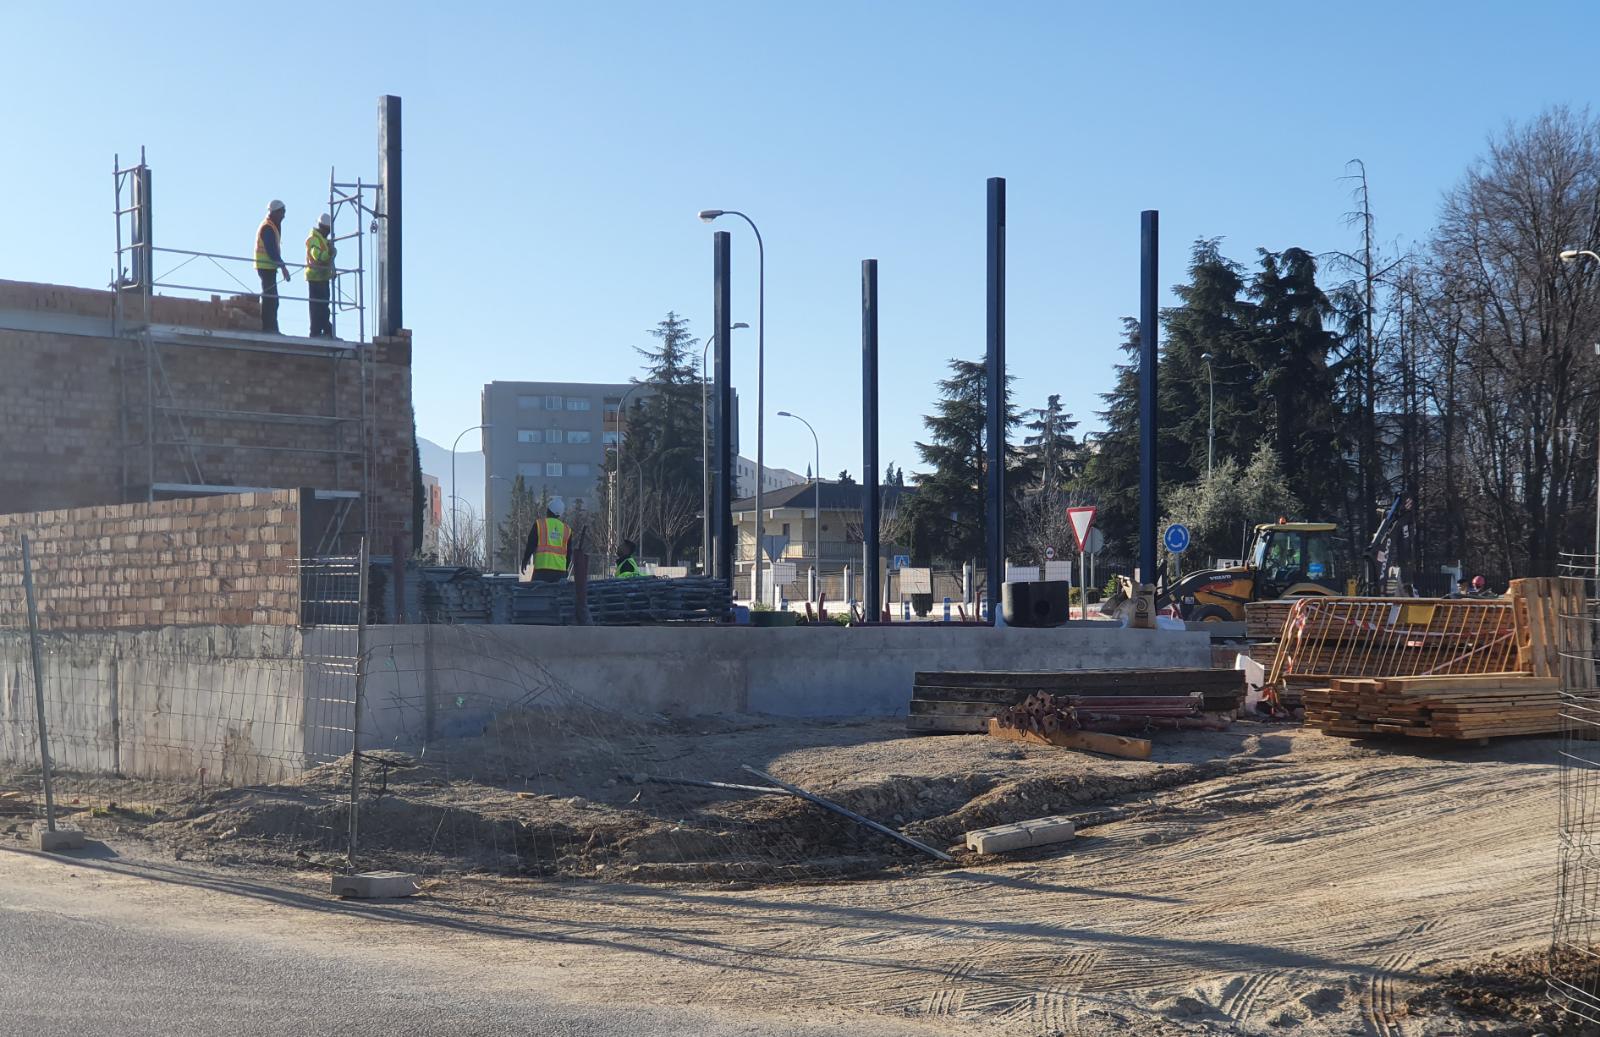 El Ayuntamiento de Alhendín permite la construcción de una gasolinera pese a tener la licencia suspendida por un juzgado